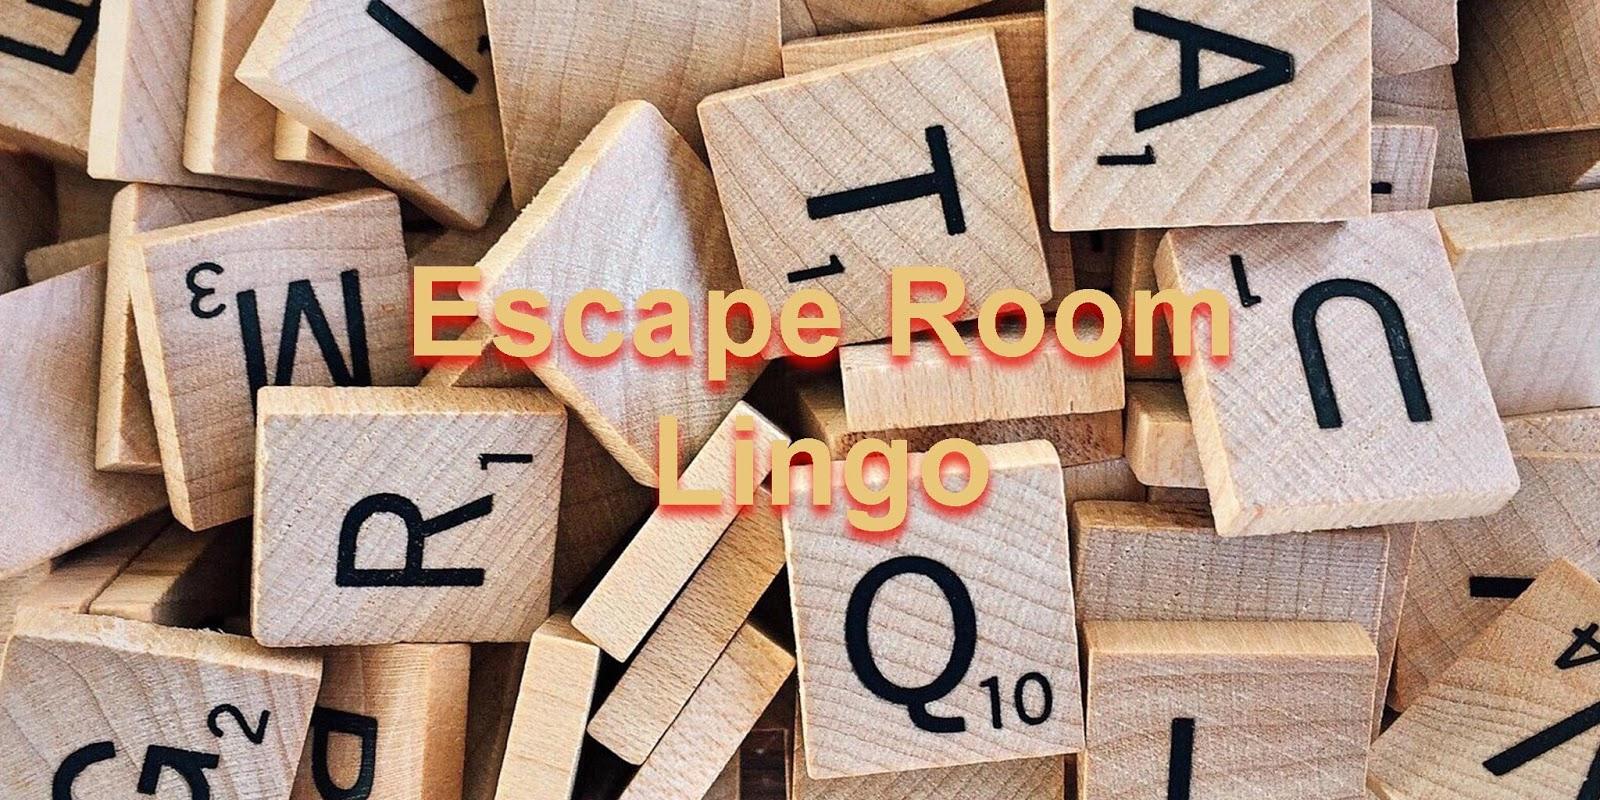 Escape Room Lingo - Trap Door Escape Room